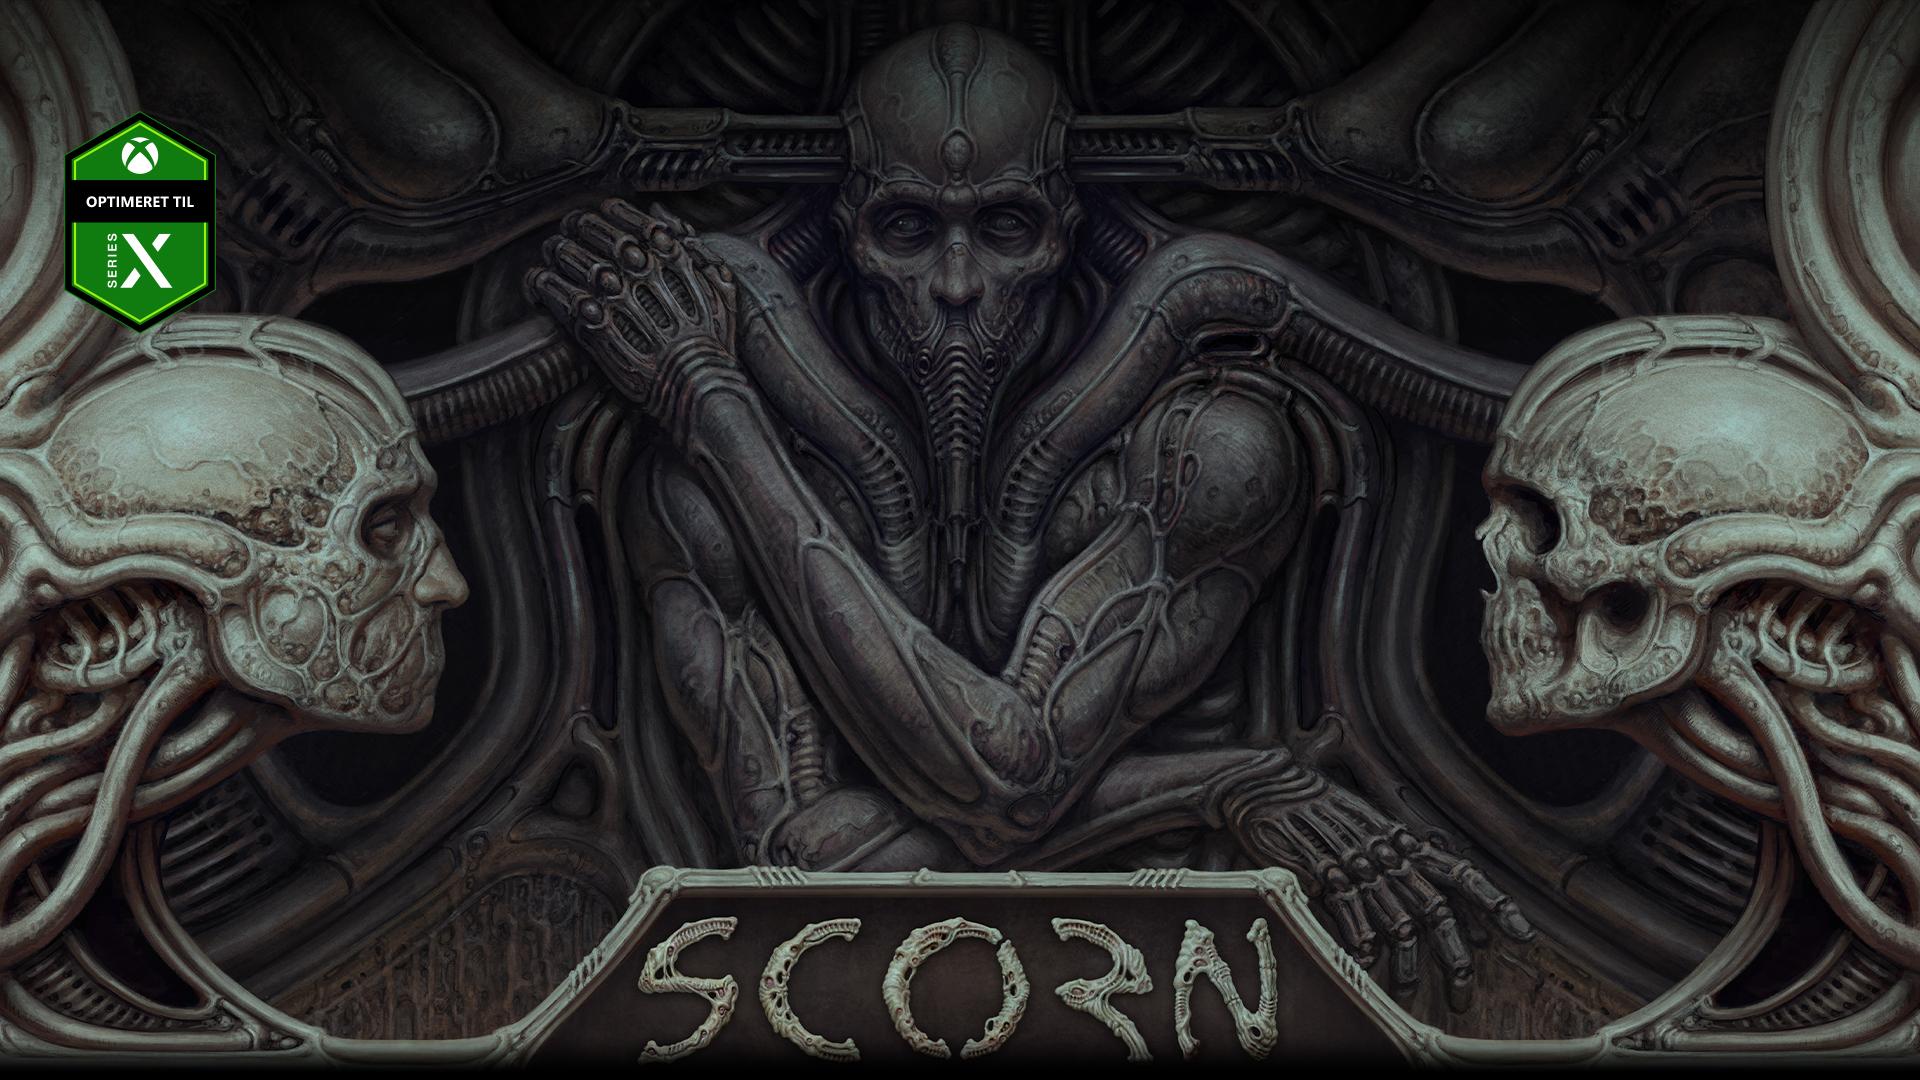 Karakter fra Scorn integreret i en mur med to kranier.